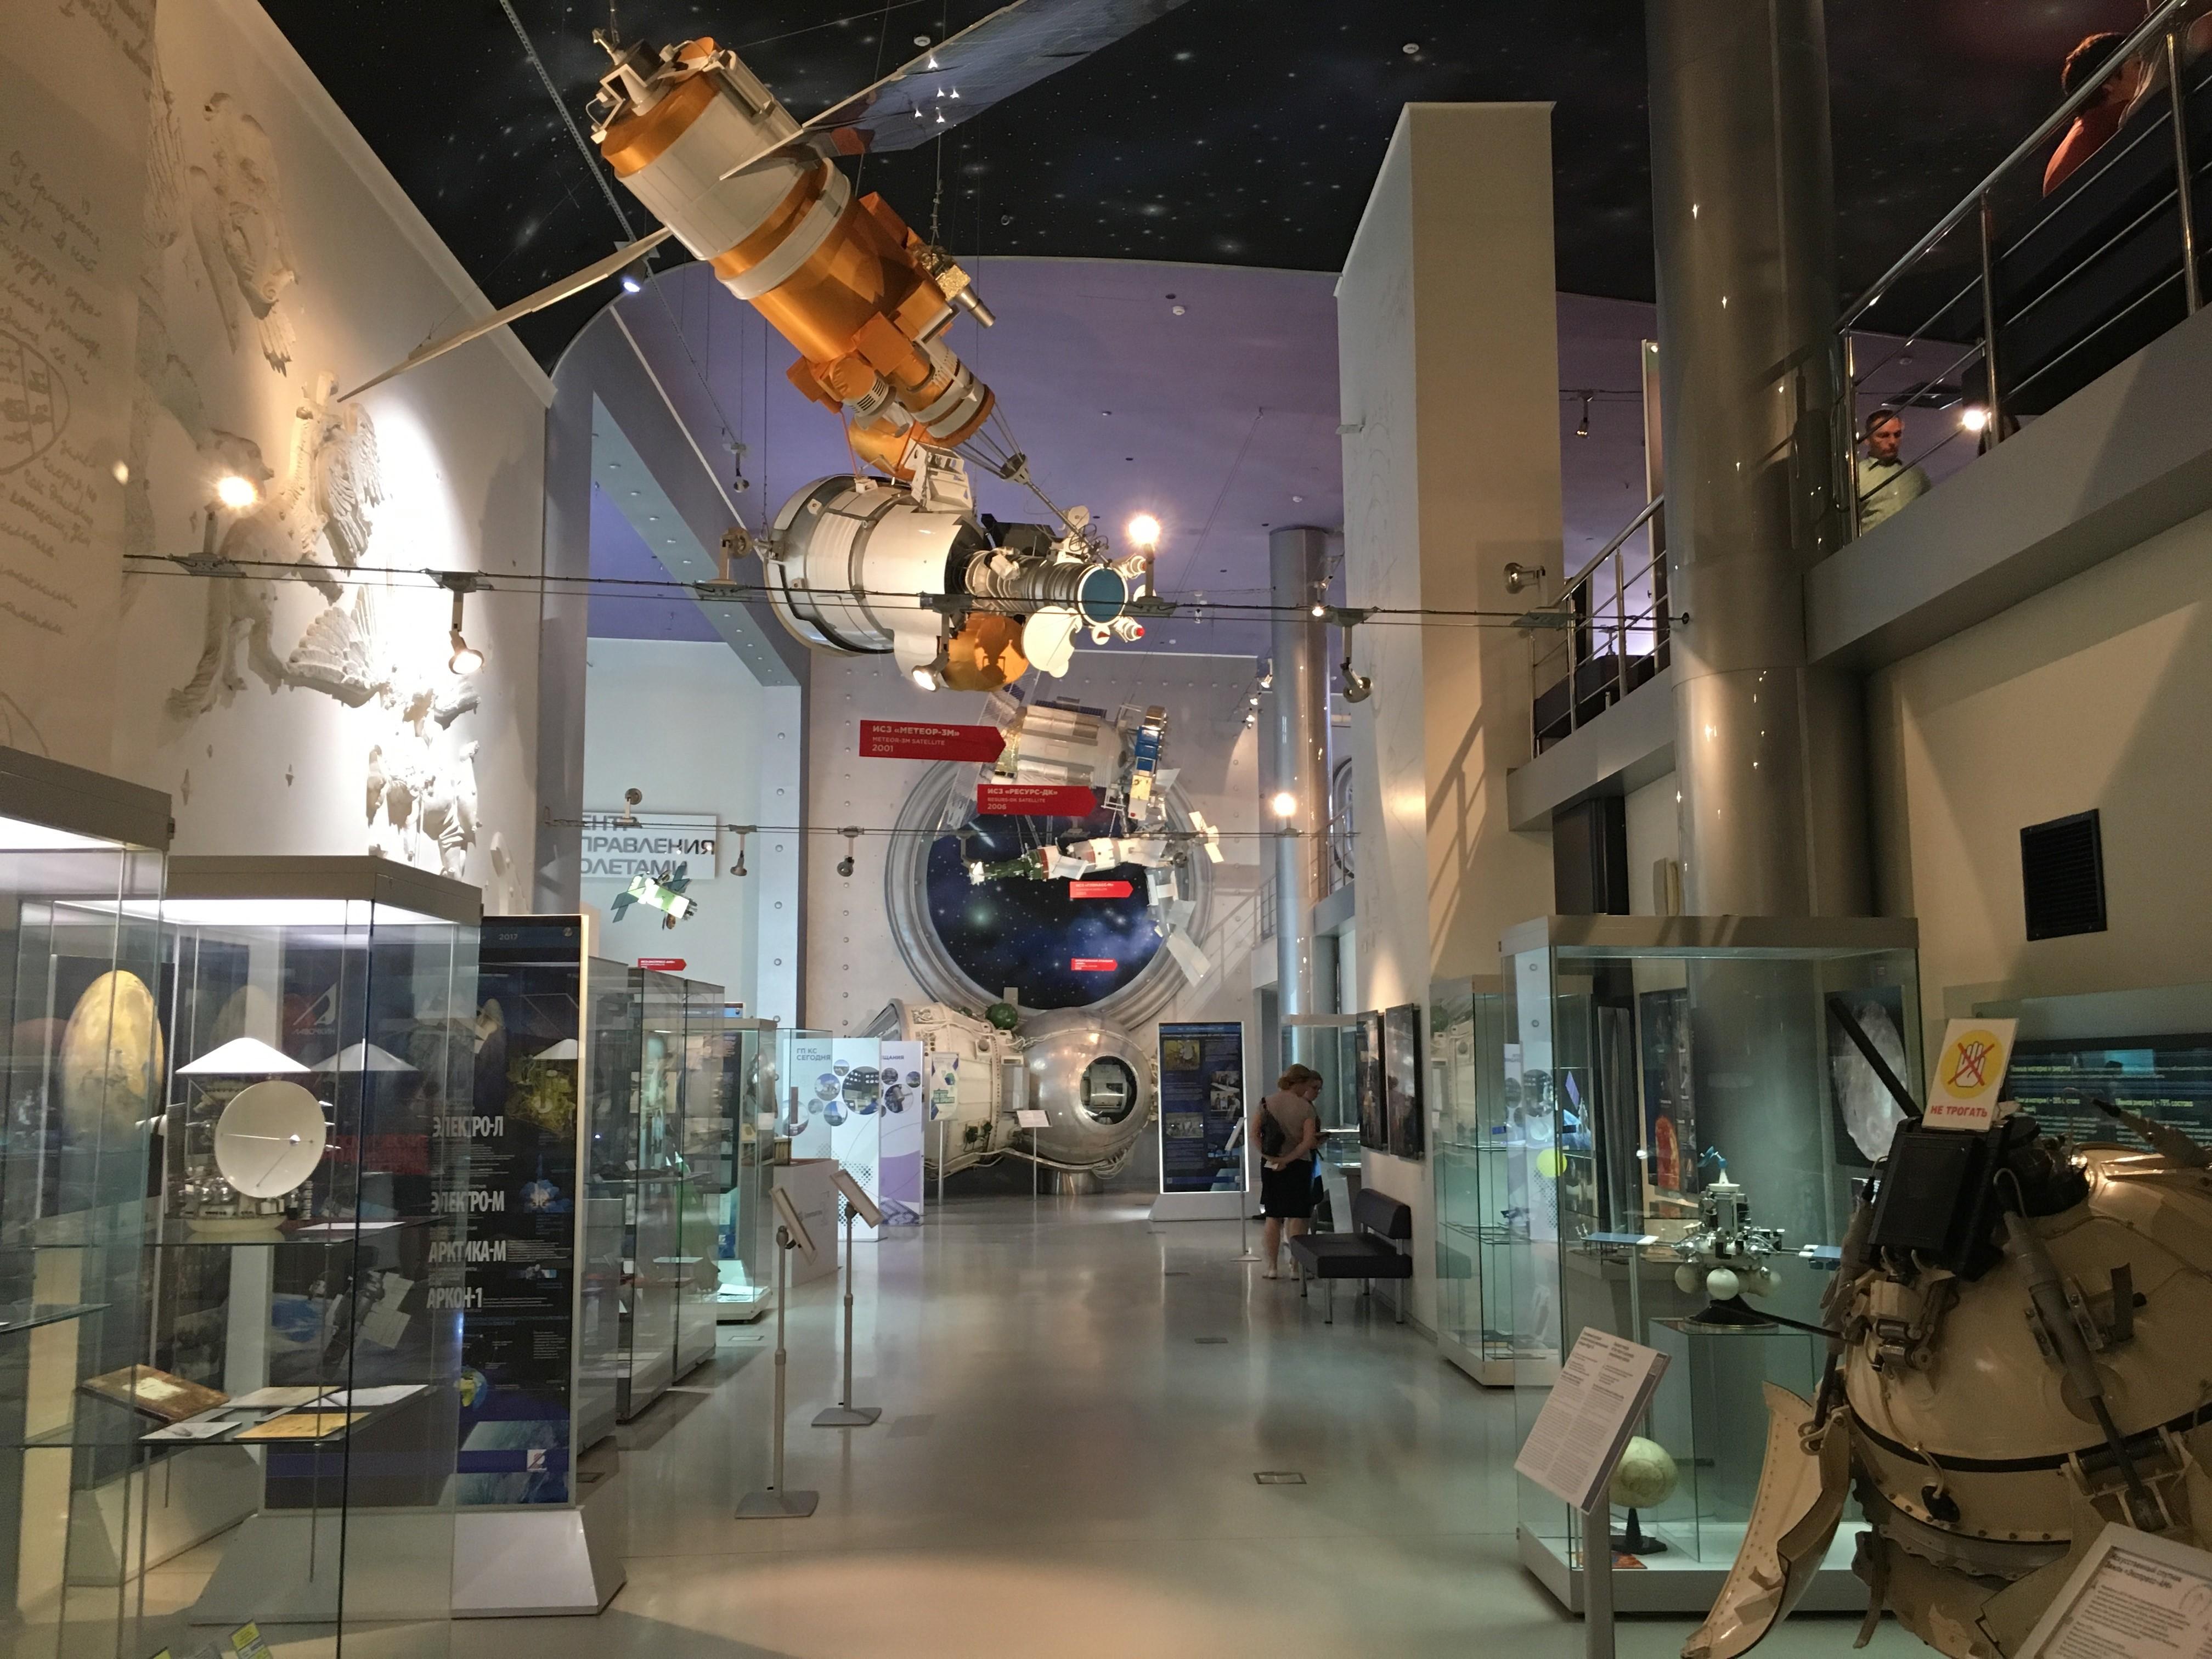 Conheça o Museu da Cosmonáutica, atração para turistas em Moscou, sede da Copa do Mundo